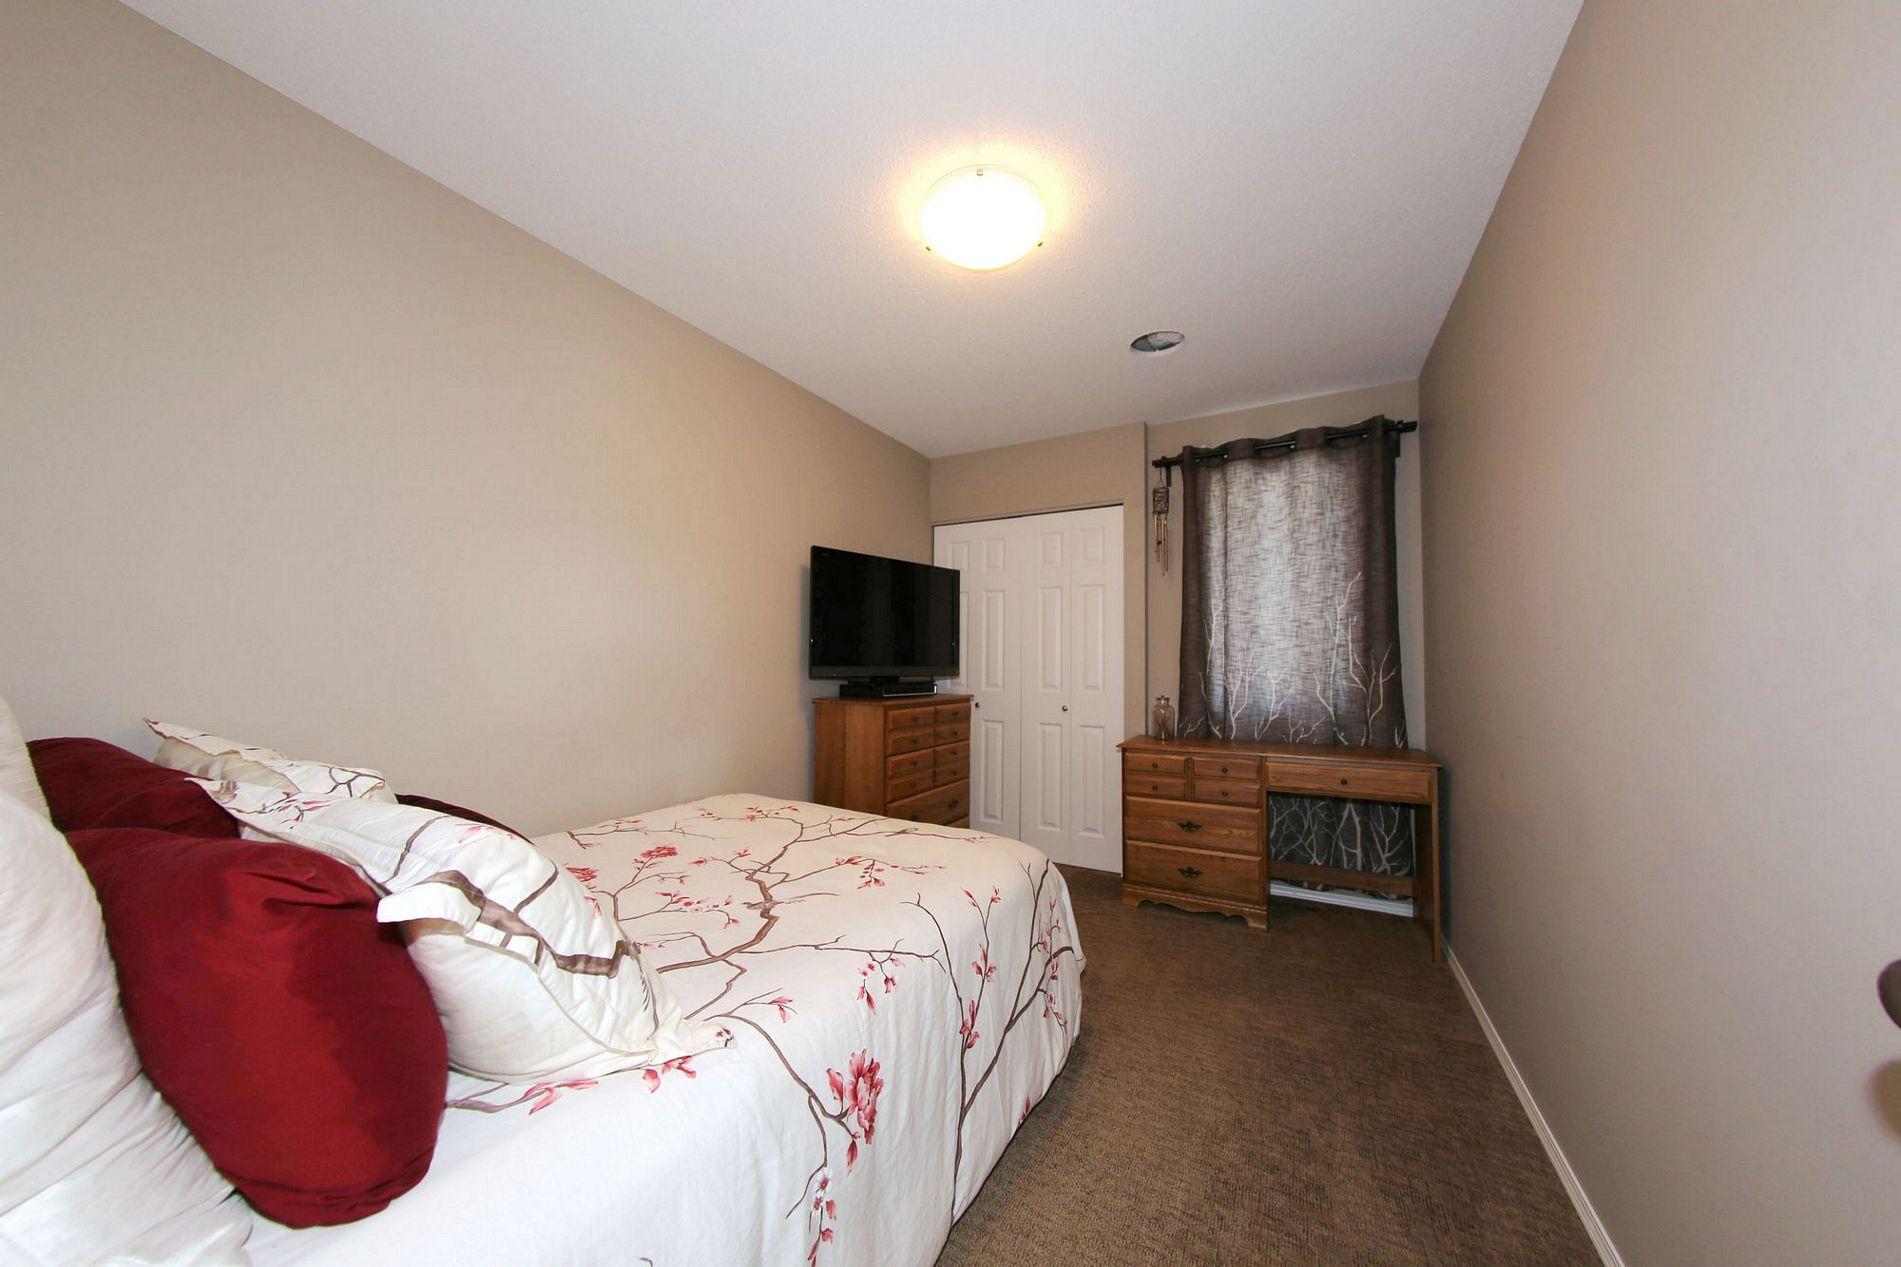 46 Moonbeam Way, Winnipeg, Manitoba  R3X 0J5 - Photo 19 - 1715405